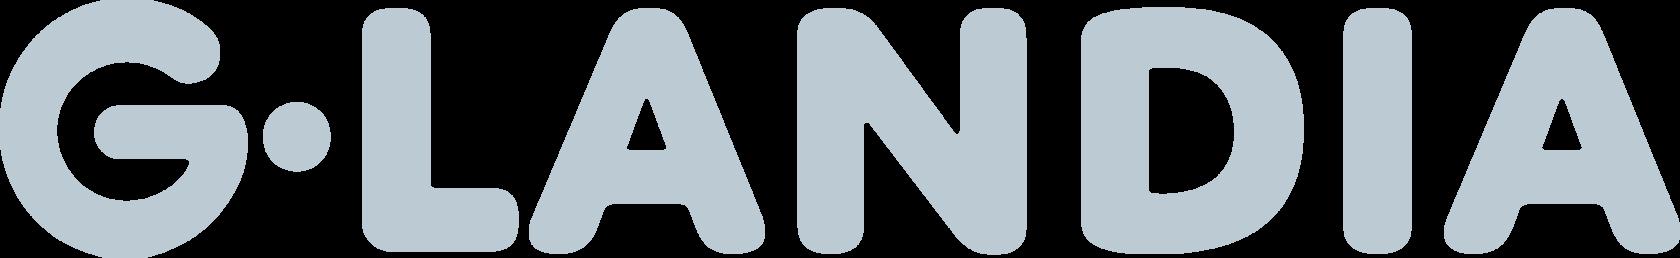 G-landia